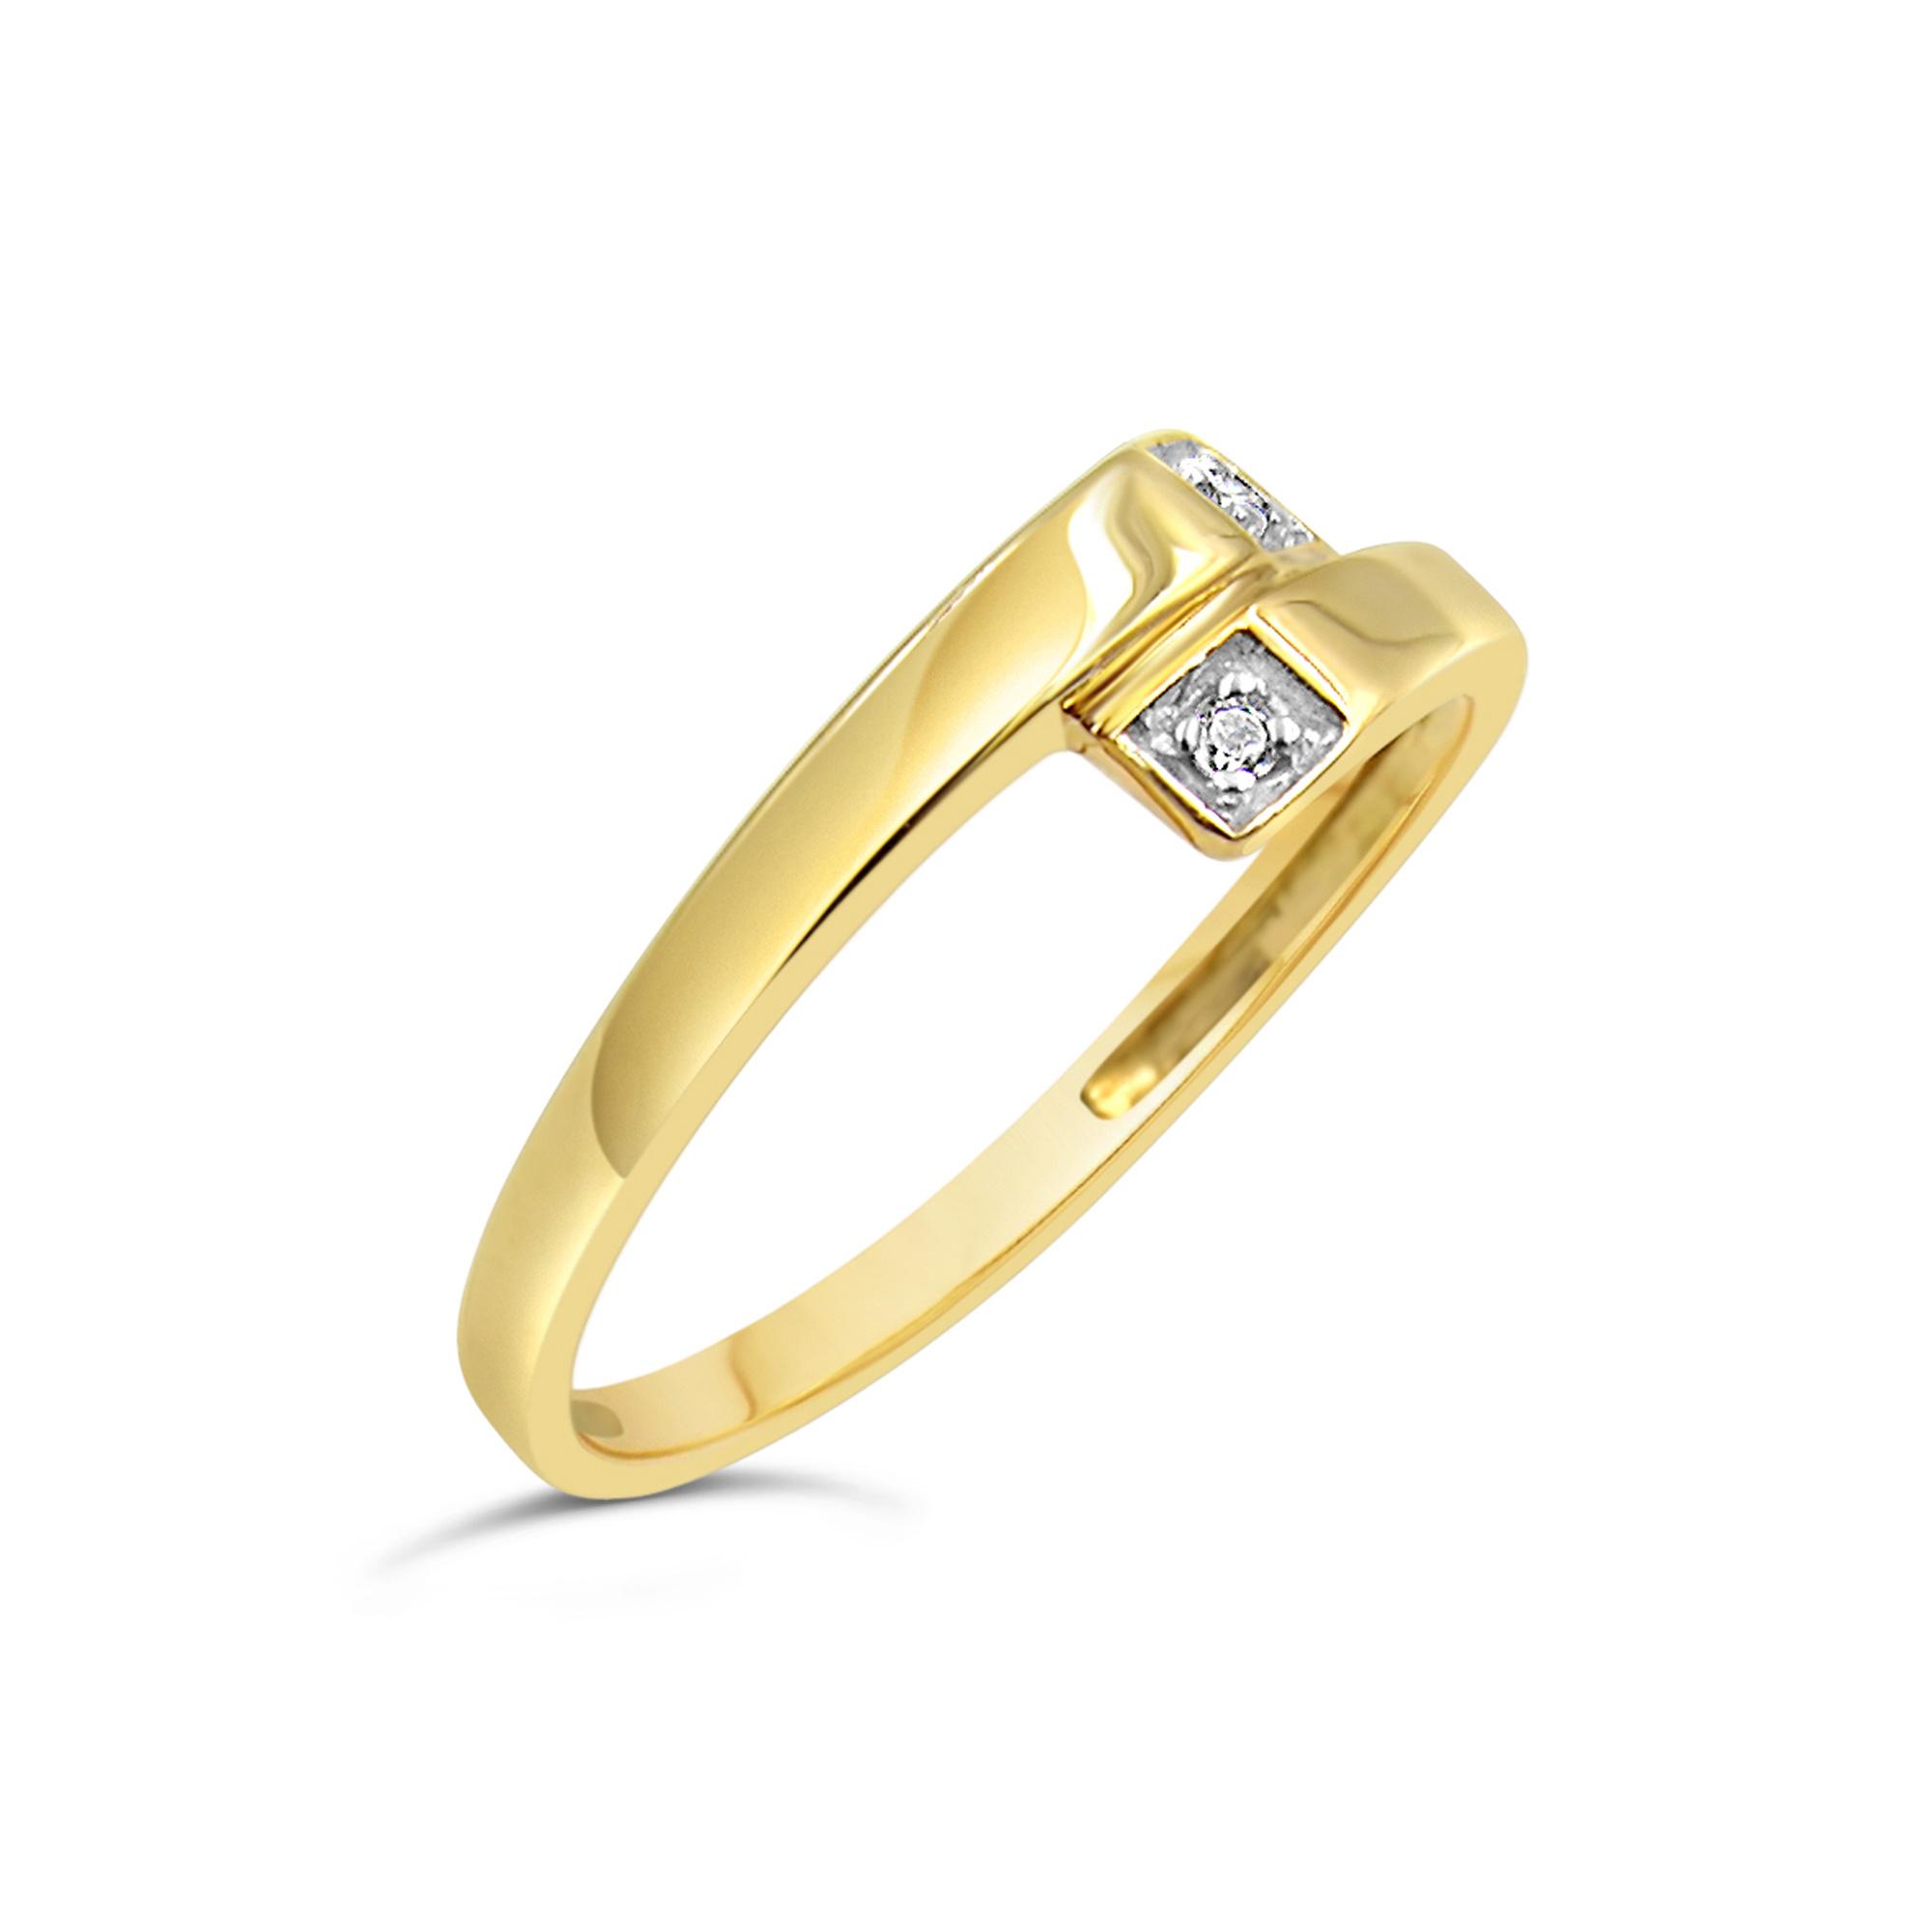 18 karaat geel goud ring met 0.02 CT diamanten